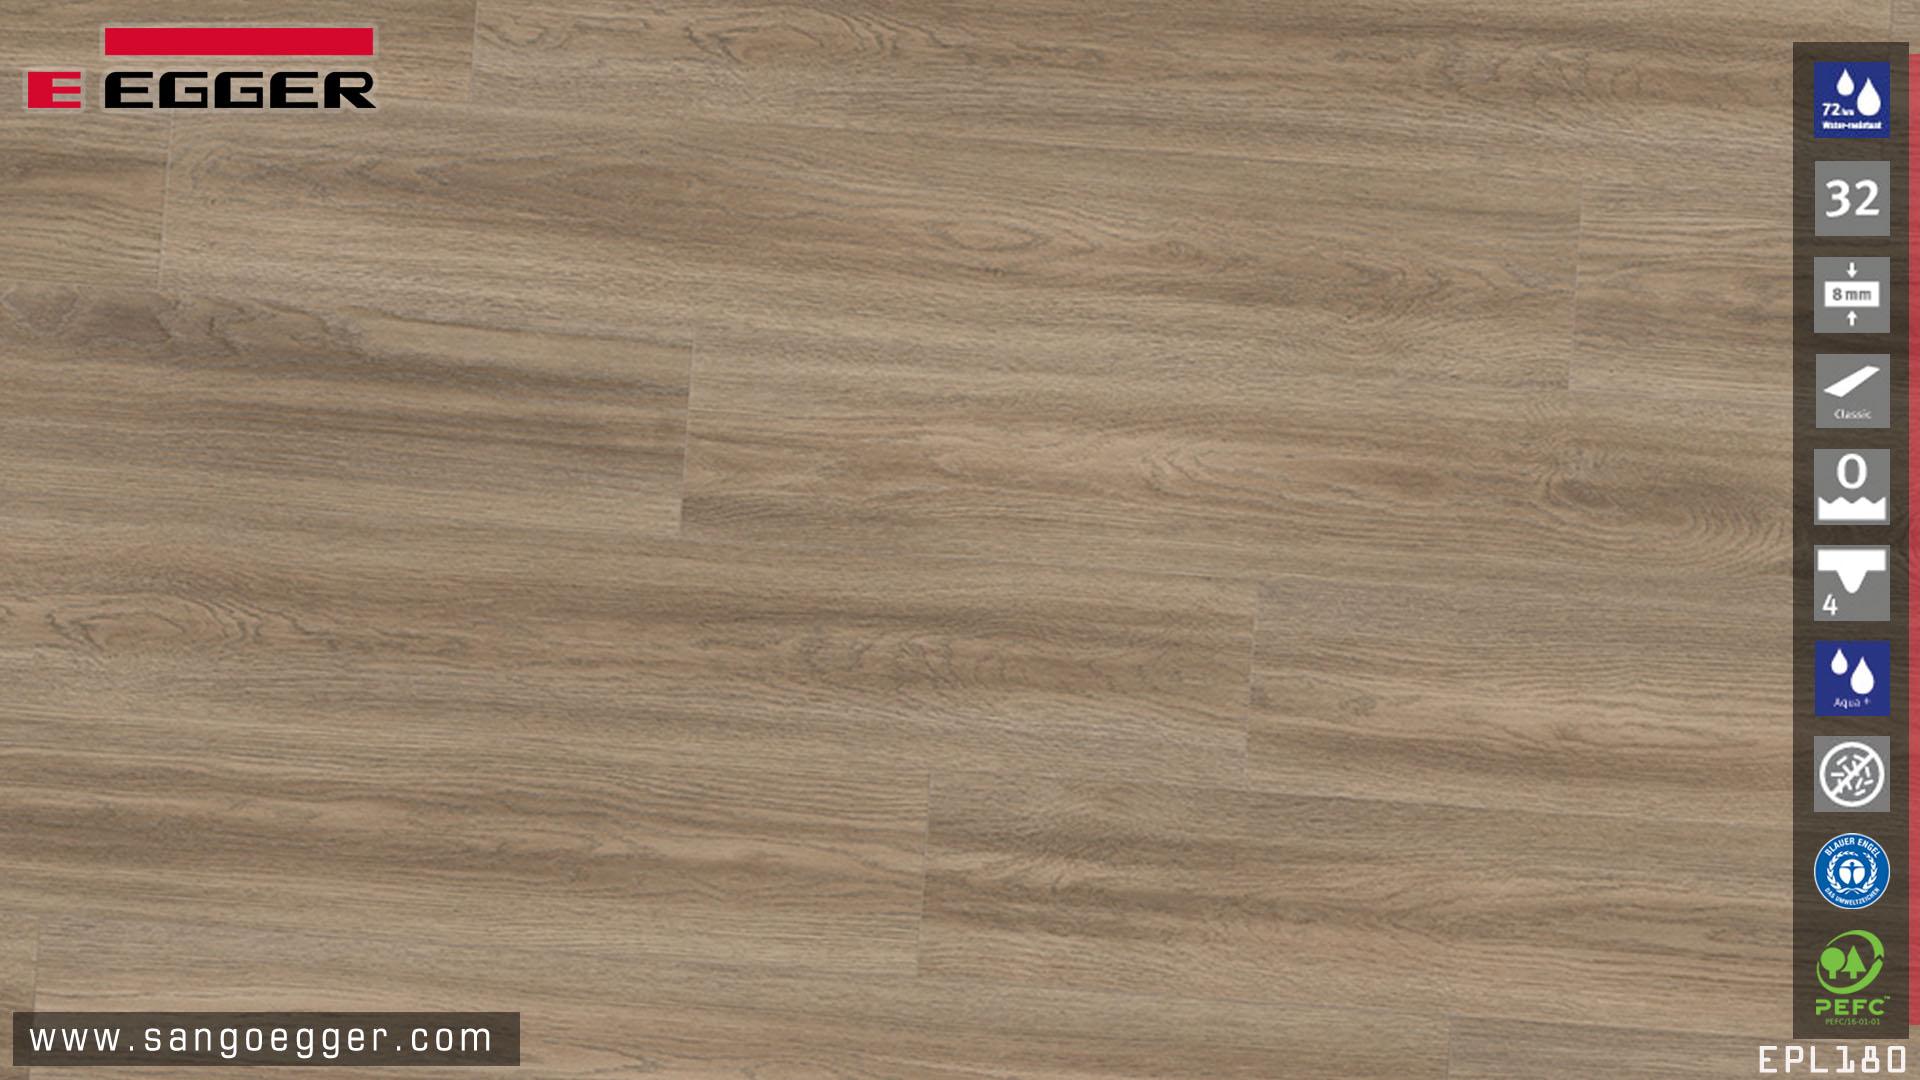 Bề mặt sàn gỗ Egger EPL180 Aqua bản 8mm siêu chịu nước